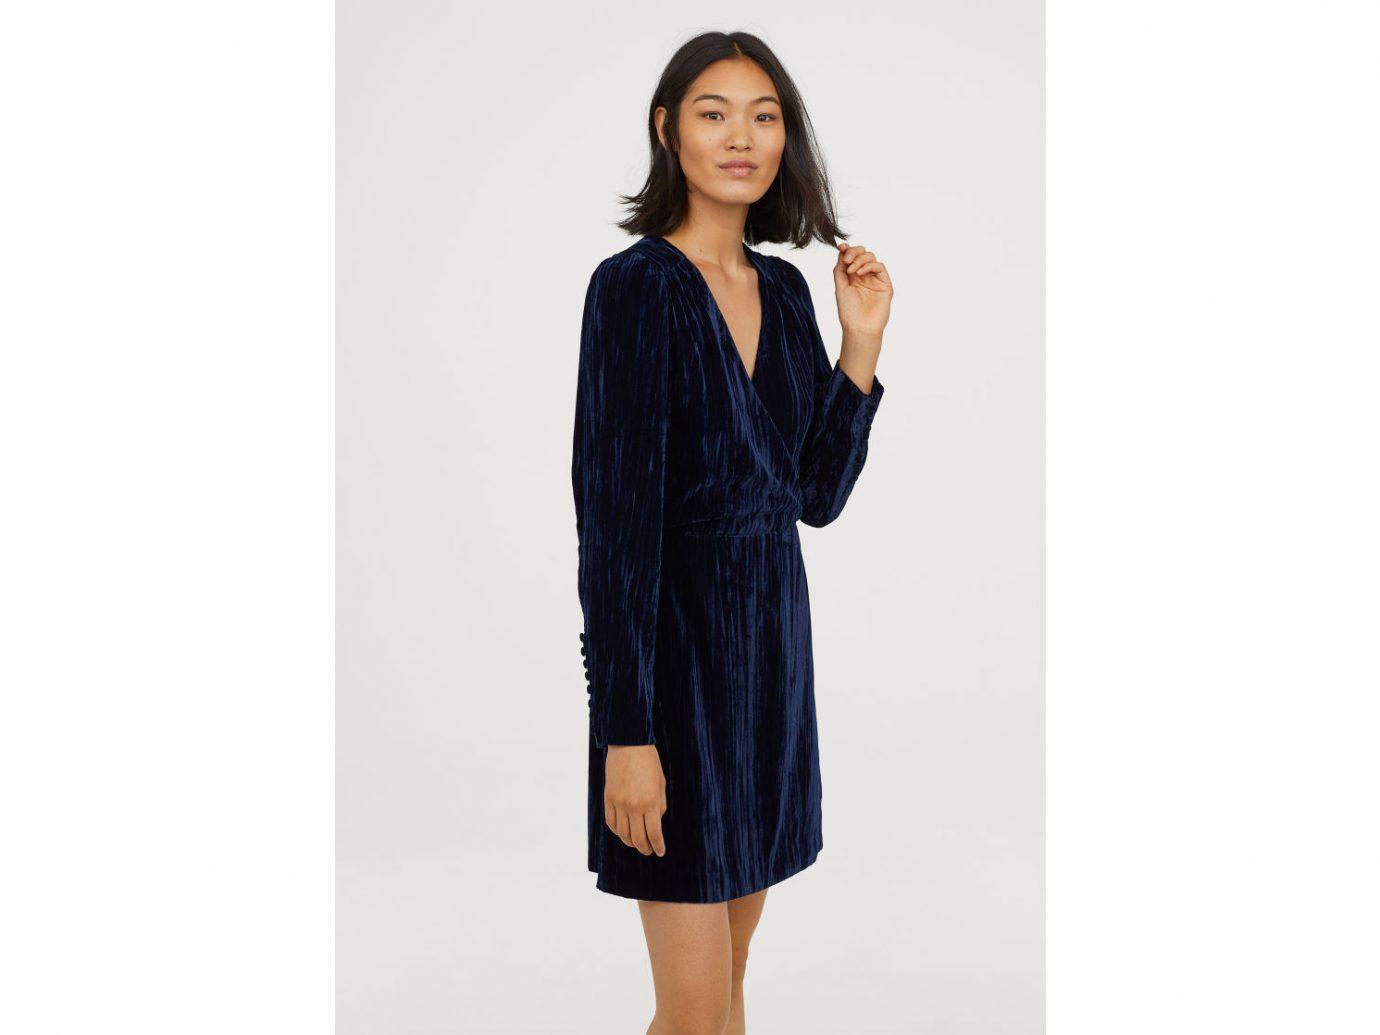 H&M Crushed-velvet Dress